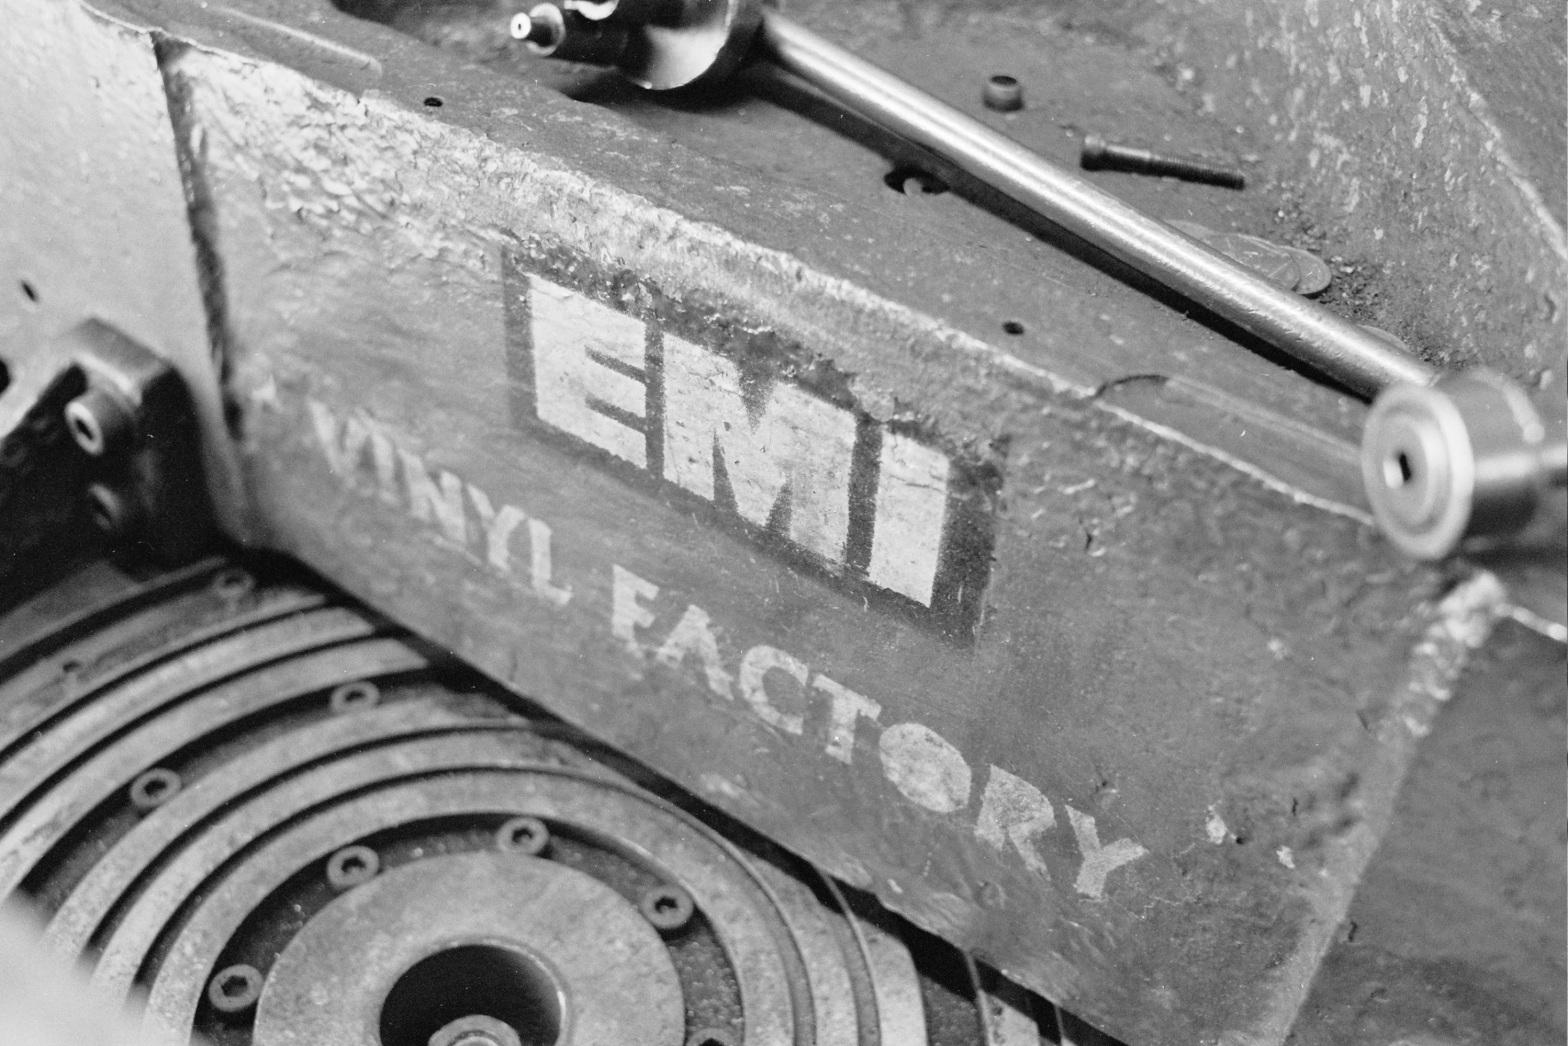 EMI 1400 Vinyl Record Press